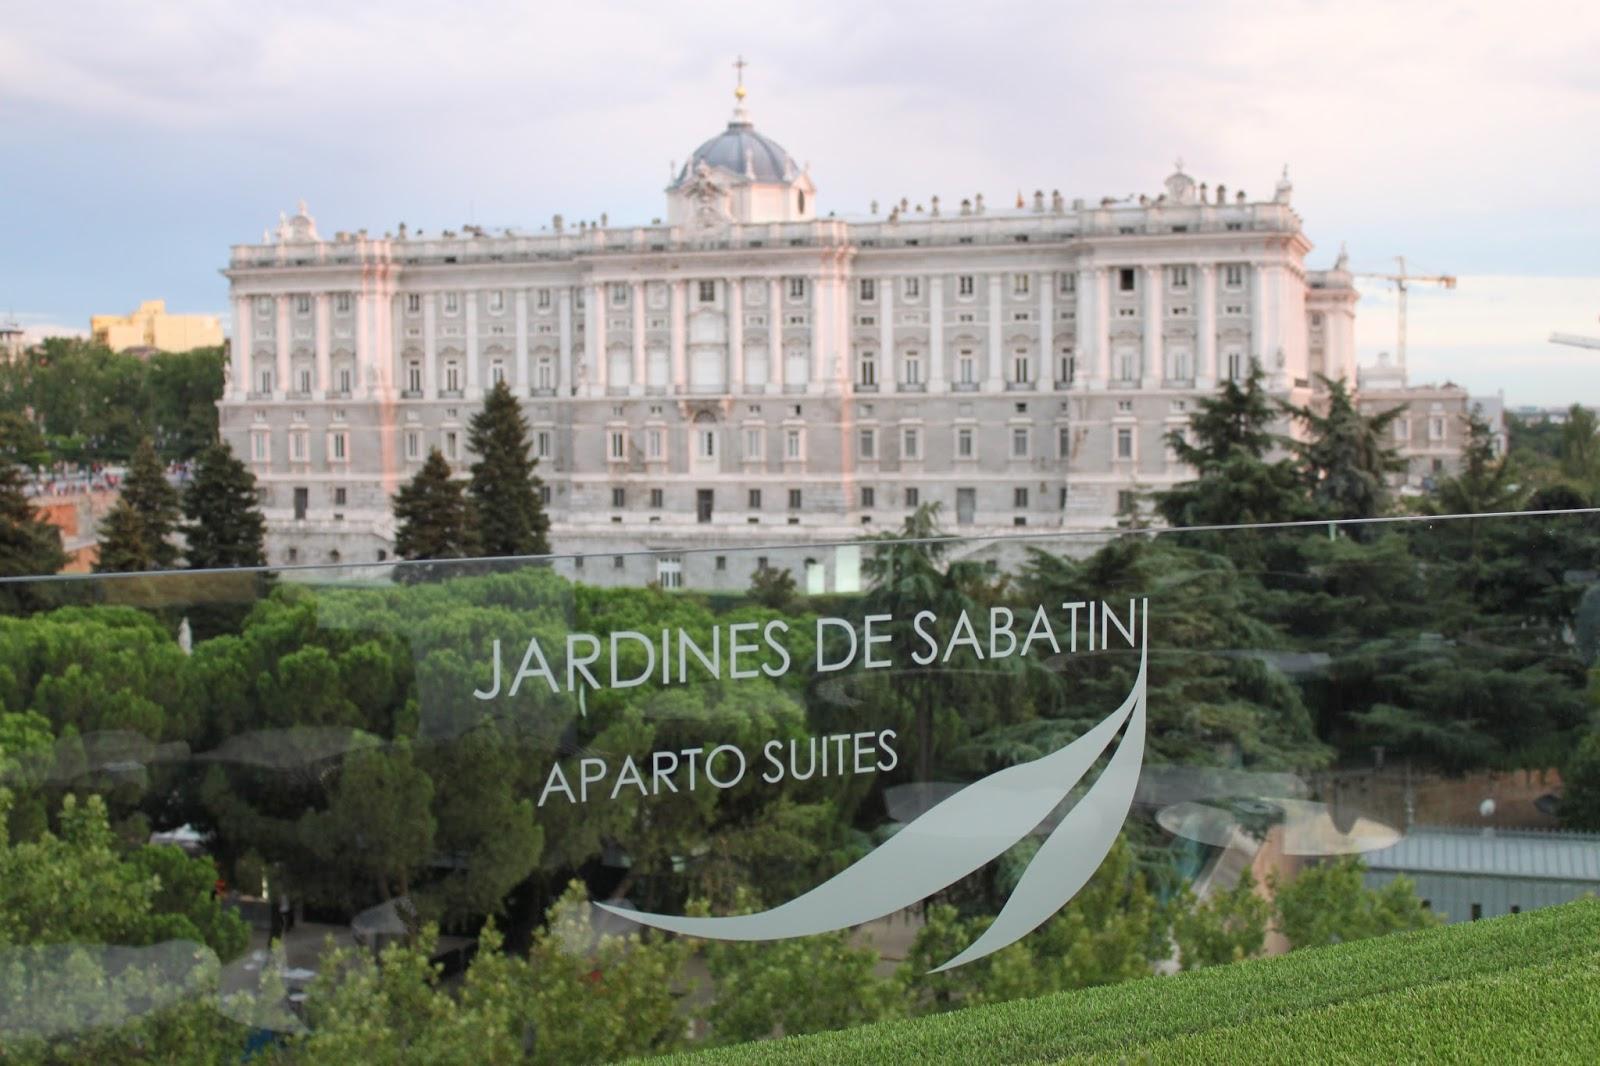 Apartosuites jardines de sabatini peque a gran postal de for Restaurante jardines de sabatini